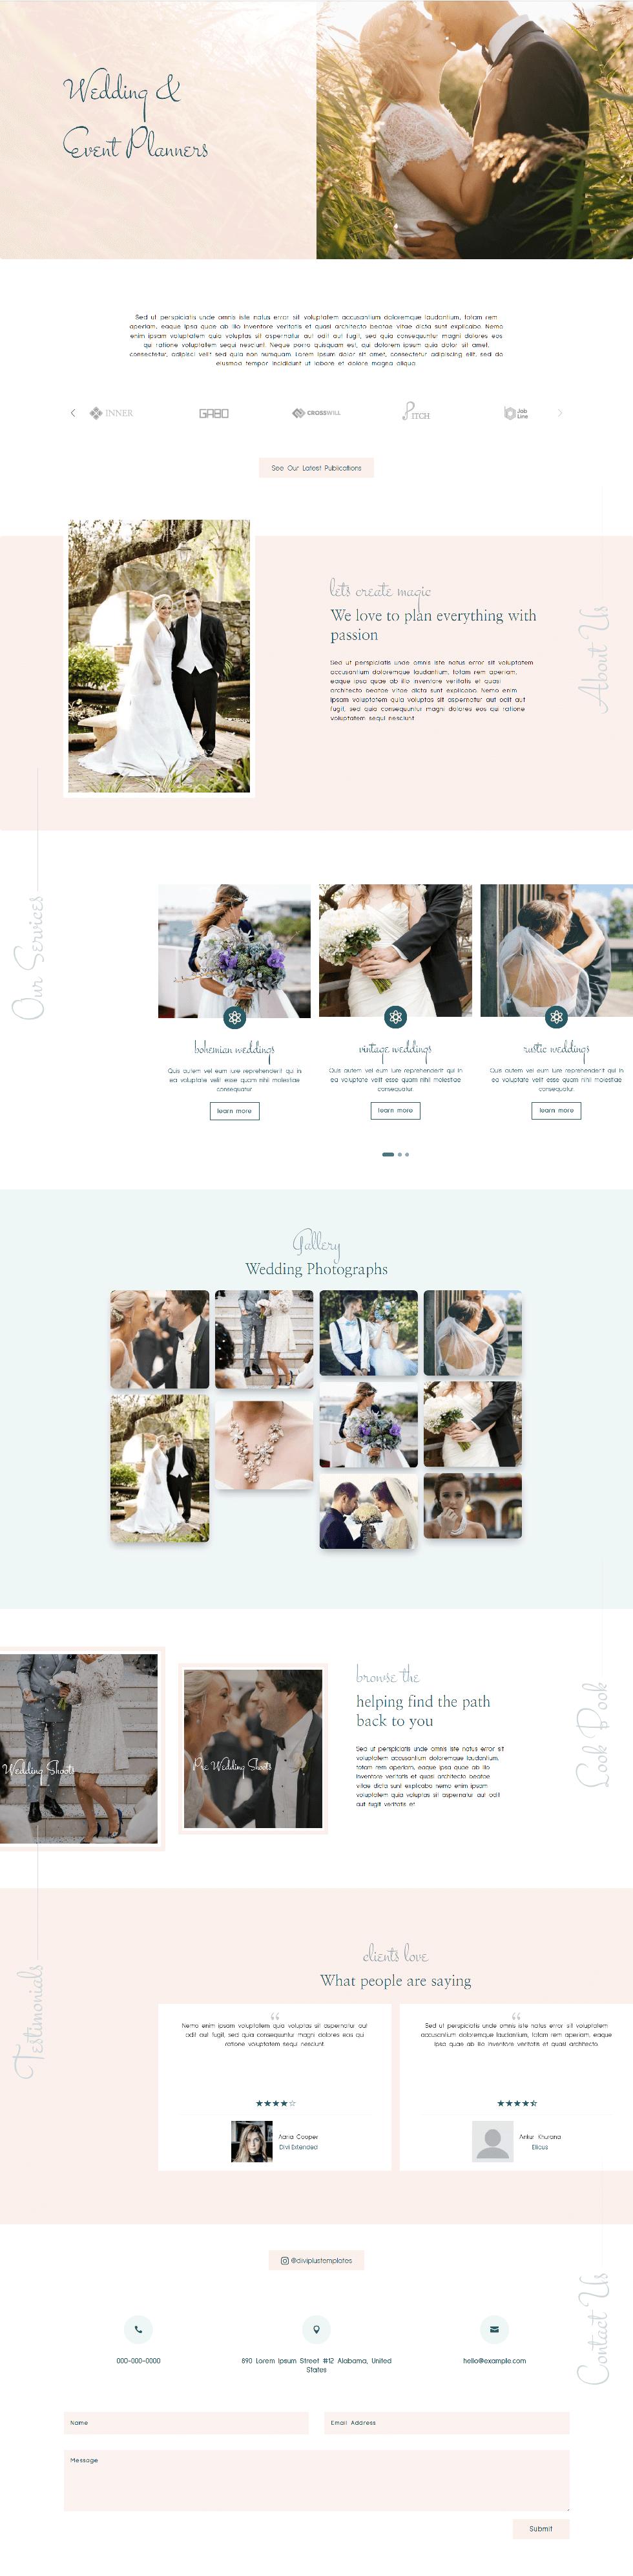 Divi Plus Wedding Planner Image